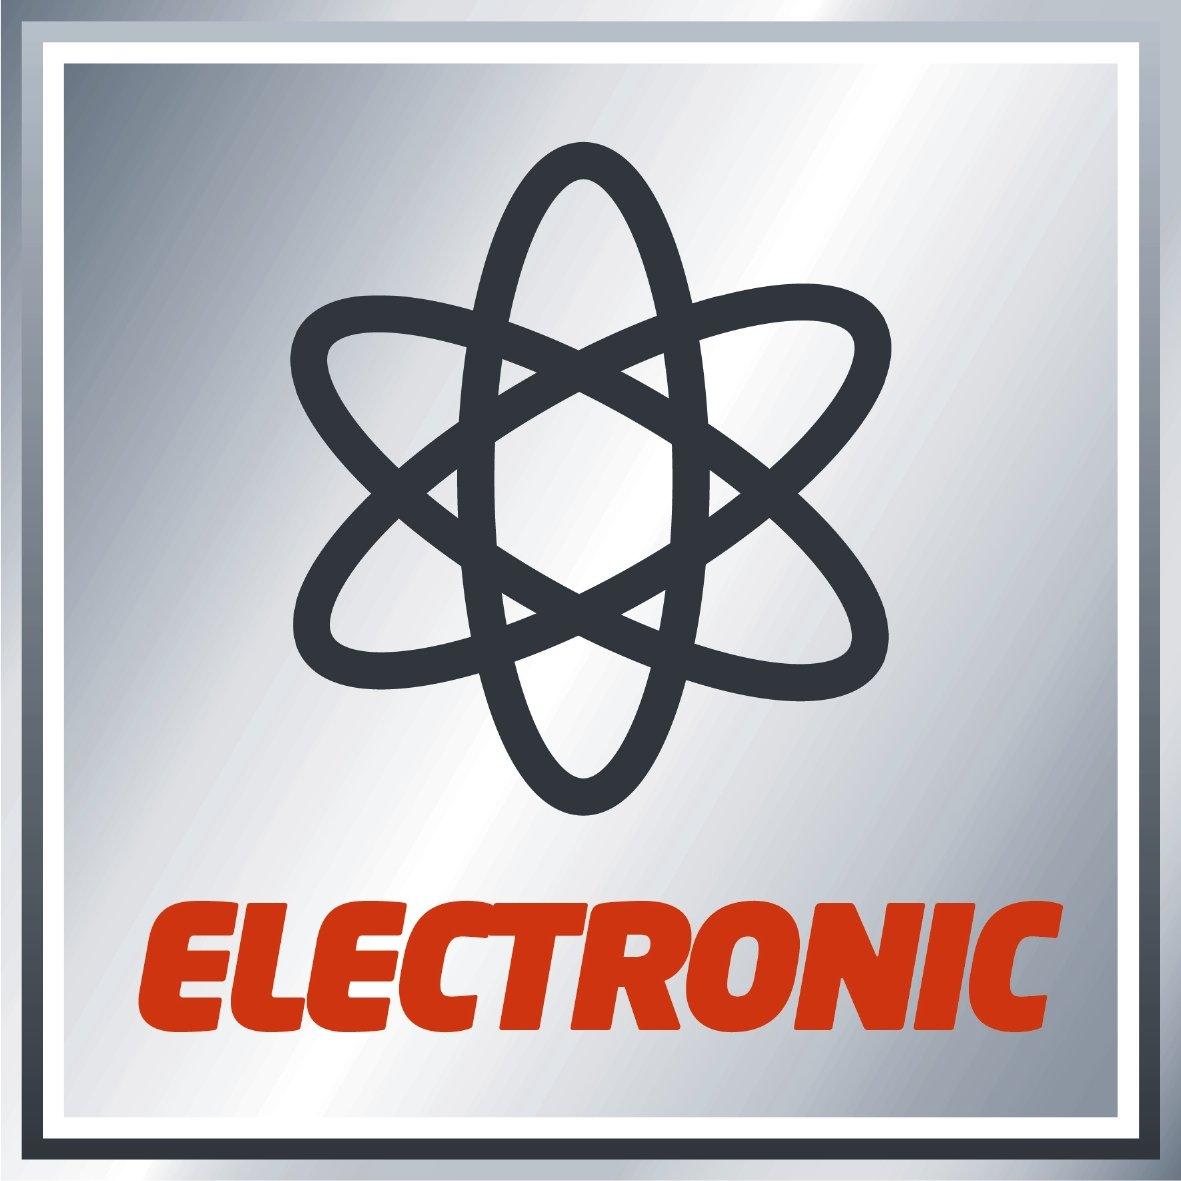 Einhell Akku Laubbläser GE-CL 18 Li E Set Power X-Change (Lithium Ionen, 18 V, 12000 min-1, 210 km/h Blas-Luftstrom, inkl. 1,5 Ah Akku und Ladegerät) 5 Ah Akku und Ladegerät) 3433530